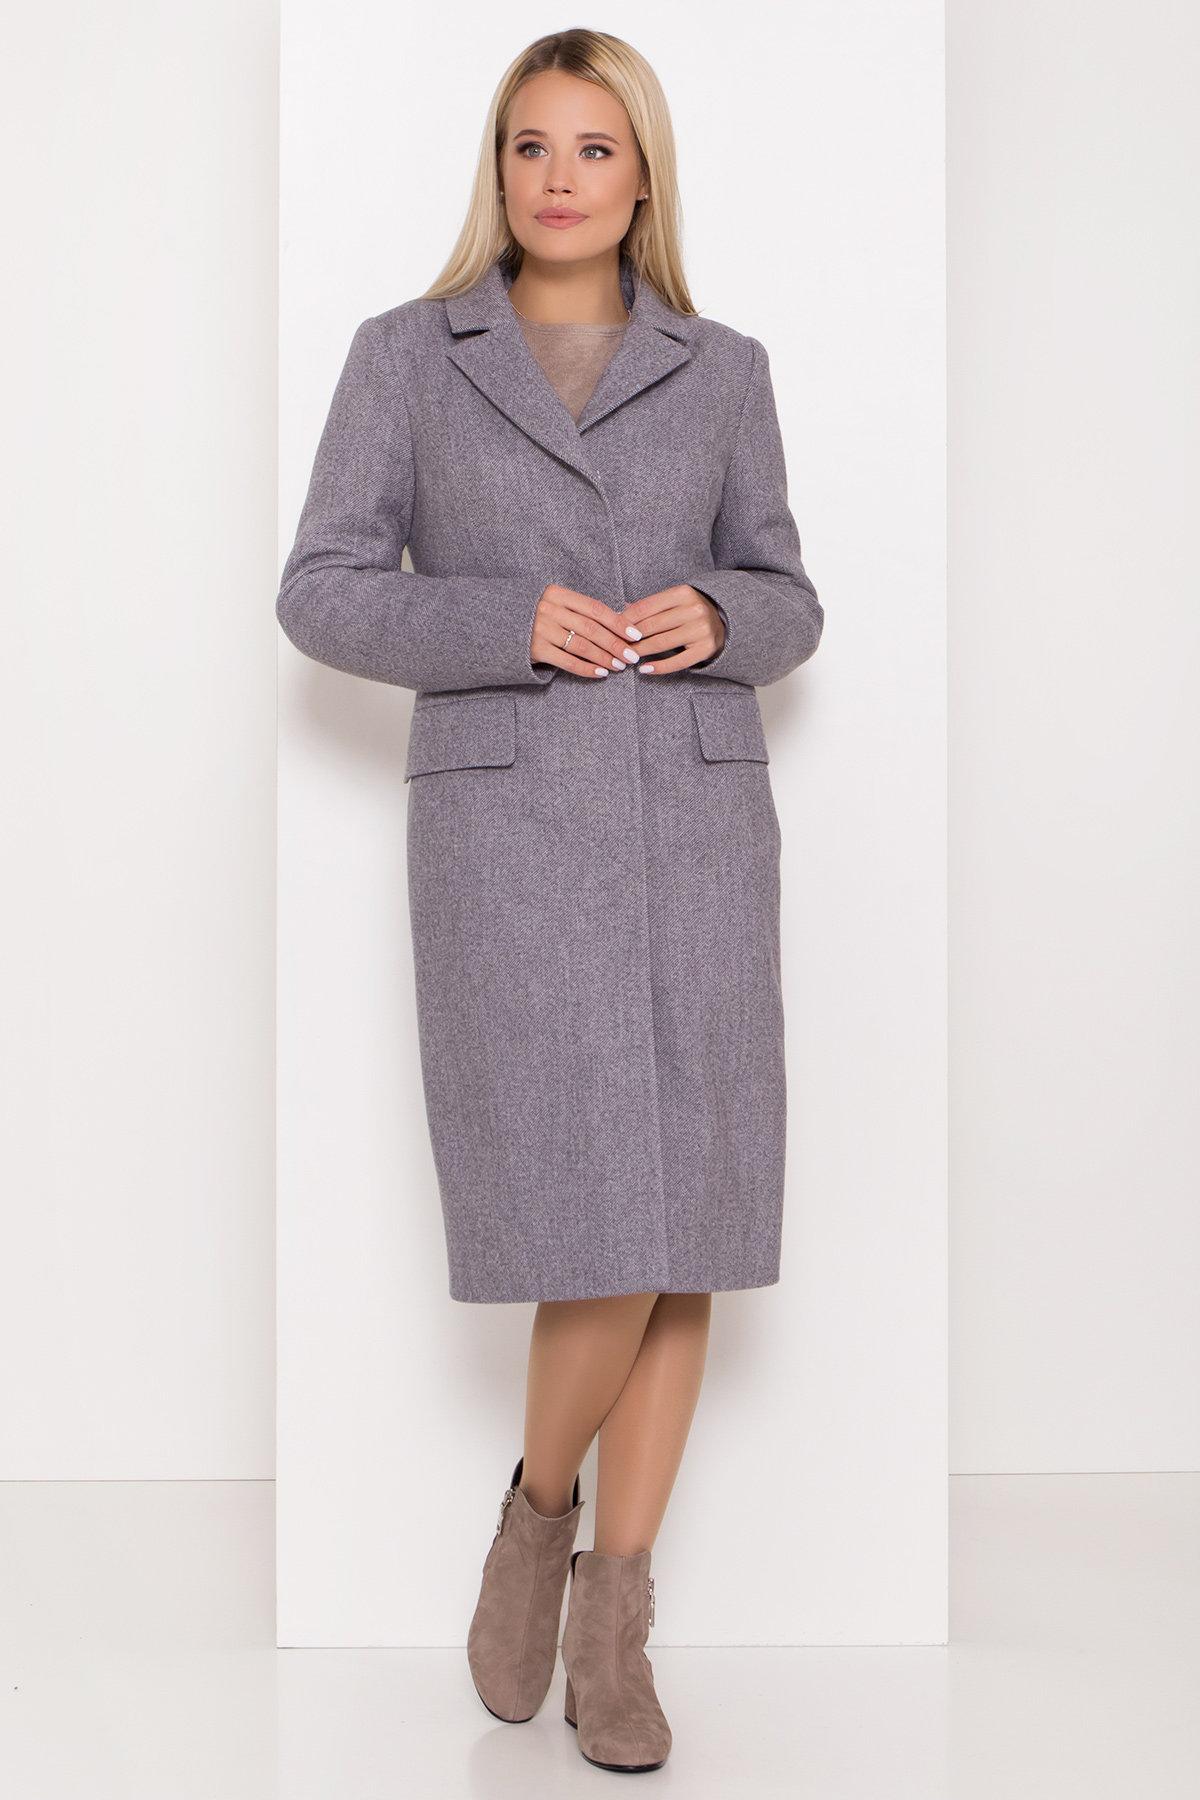 Полуприталенное зимнее пальто с отложным воротником Лабио 8182 АРТ. 44189 Цвет: Серый 2 - фото 4, интернет магазин tm-modus.ru